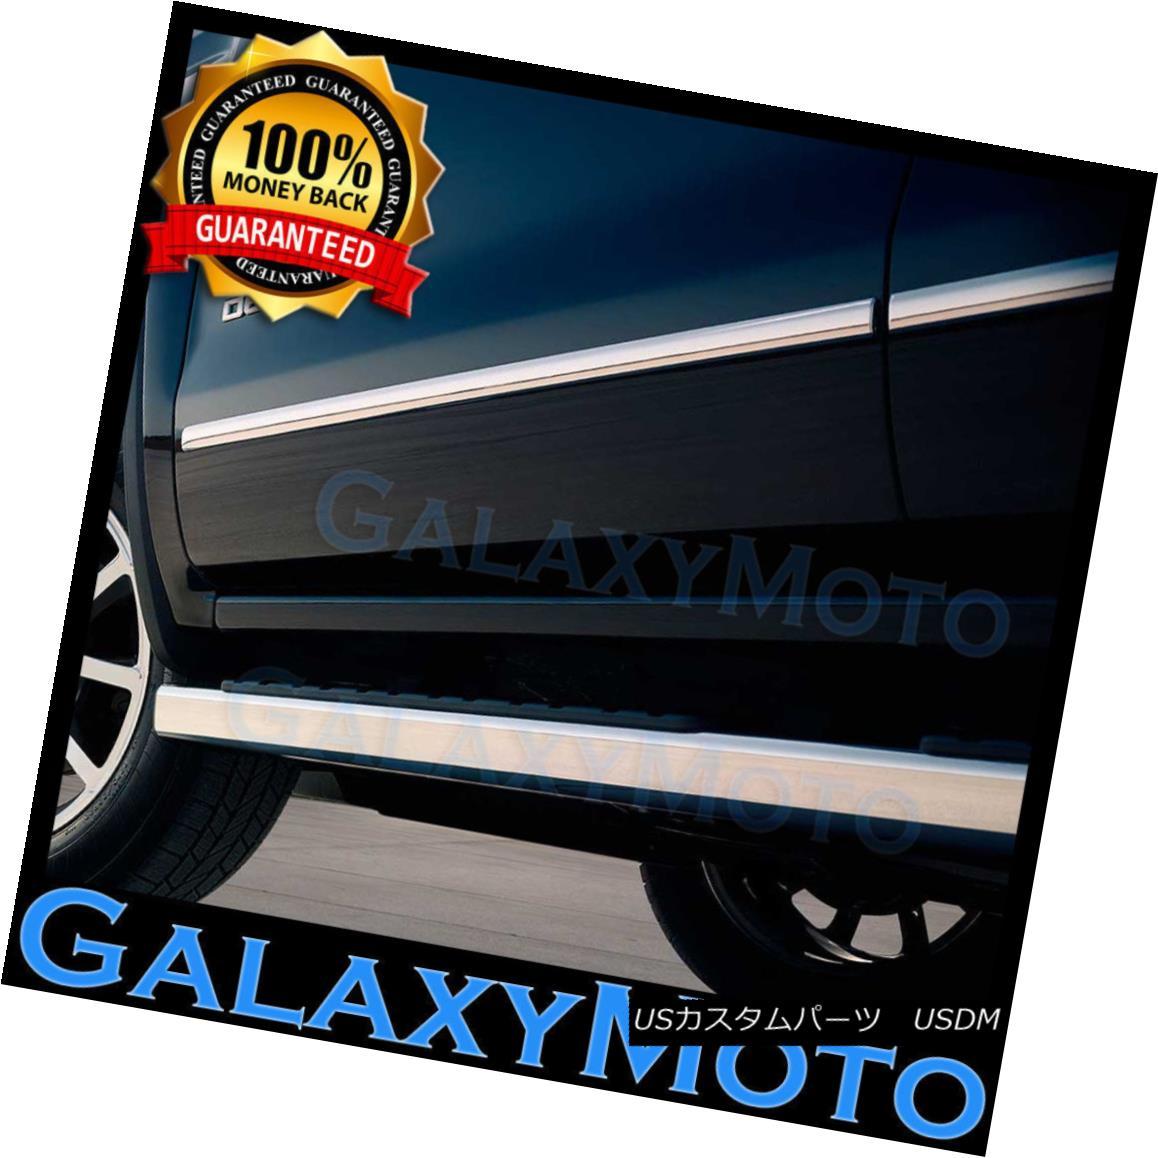 グリル Front+Rear Chrome Body Side Door Molding 4pc for 05-15 Nissan Titan Extended Cab フロント+リアクロームボディサイドドアモールディング4pc for 05-15日産タイタン拡張キャブ